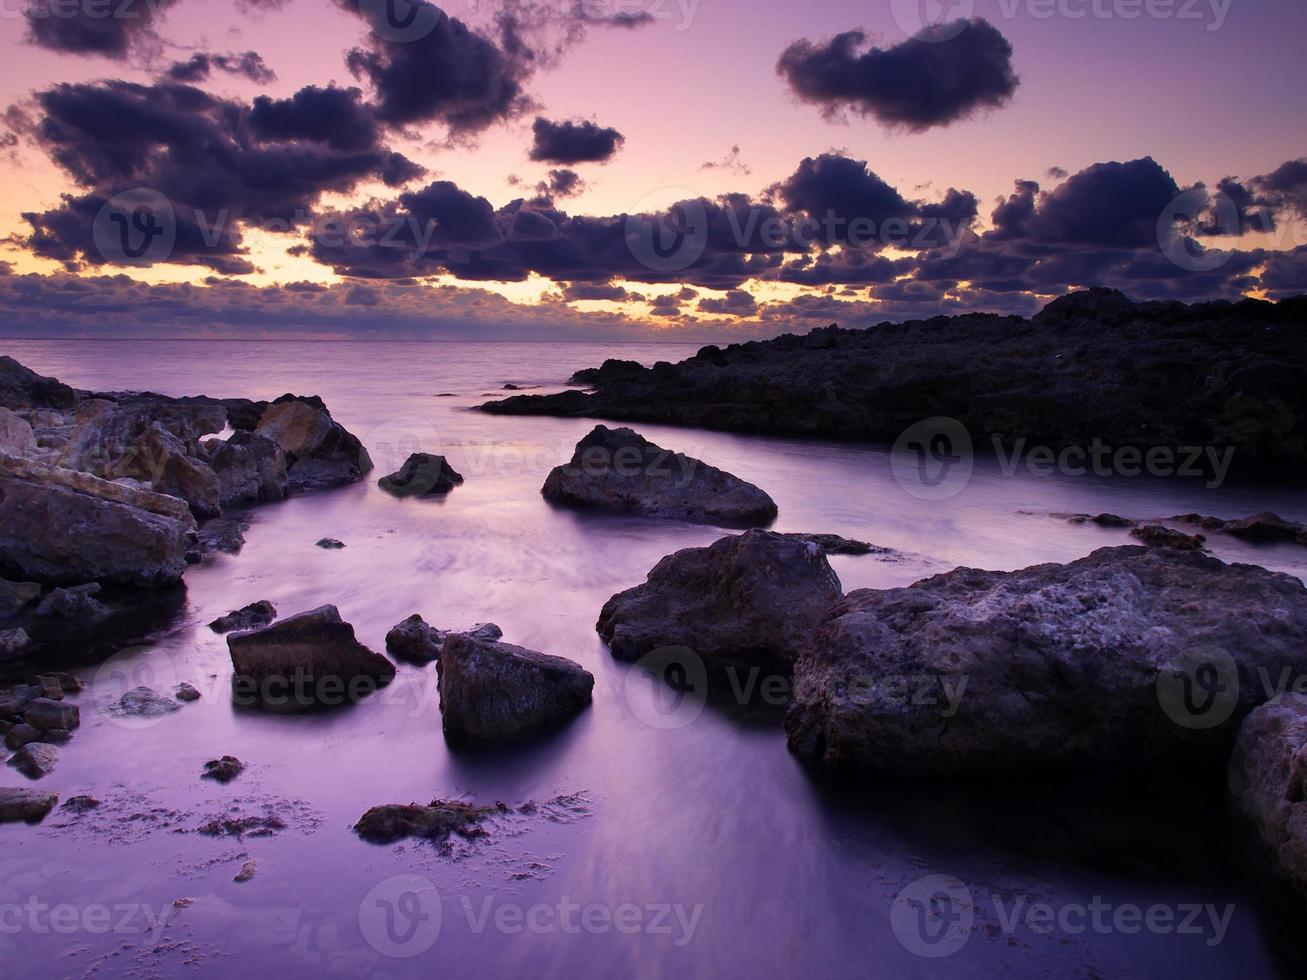 Seascape photo